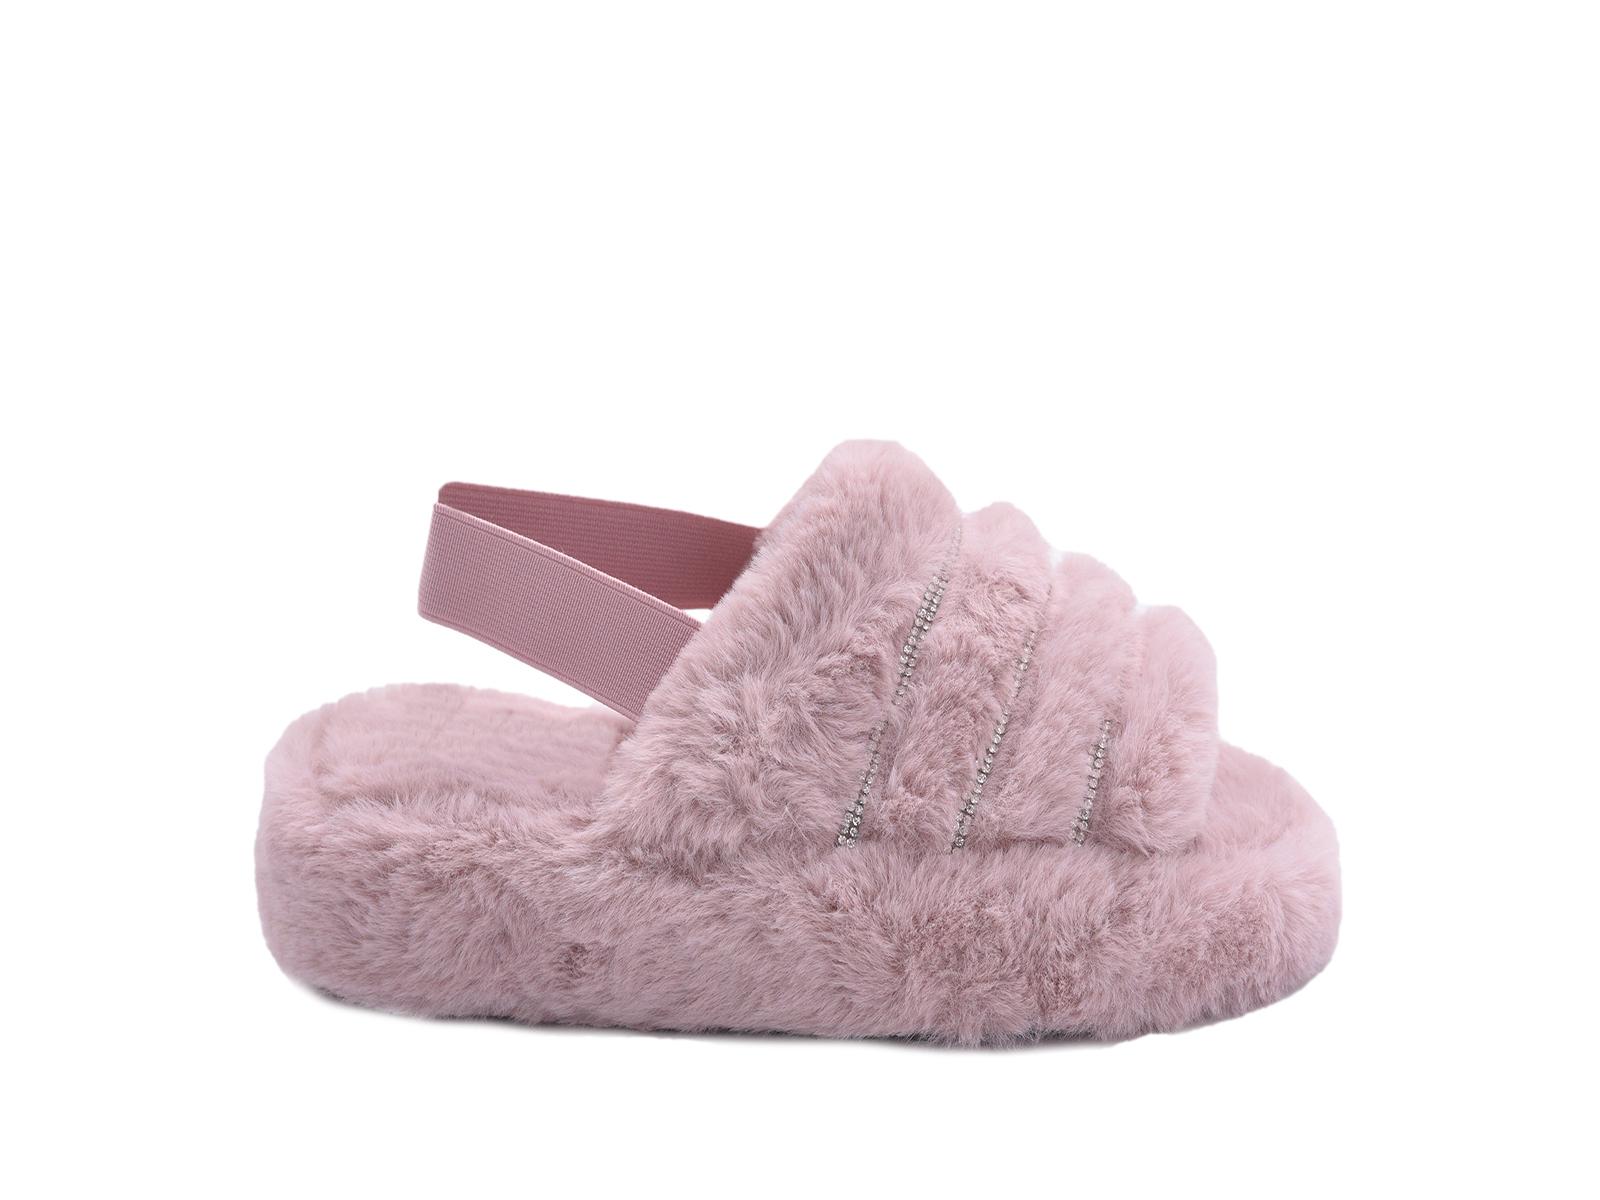 Ροζ fluffy γούνινες παντόφλες με λάστιχο ΓΥΝΑΙΚΕΙΑ